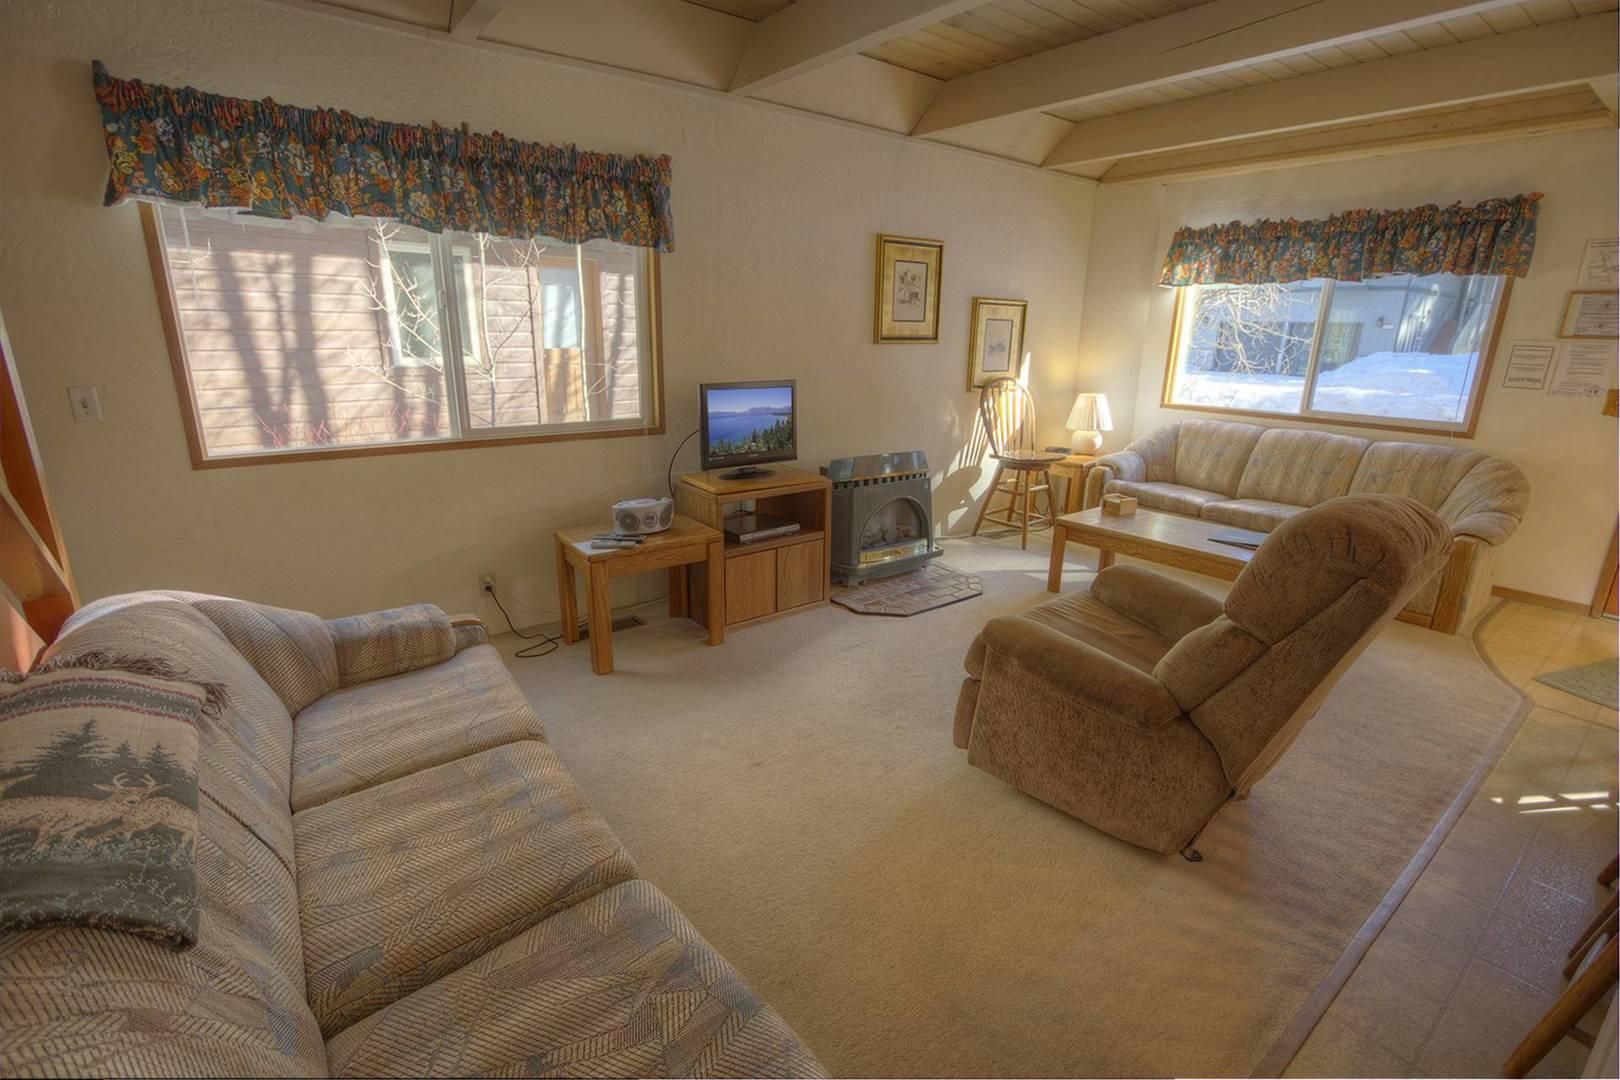 cyh1013 living room